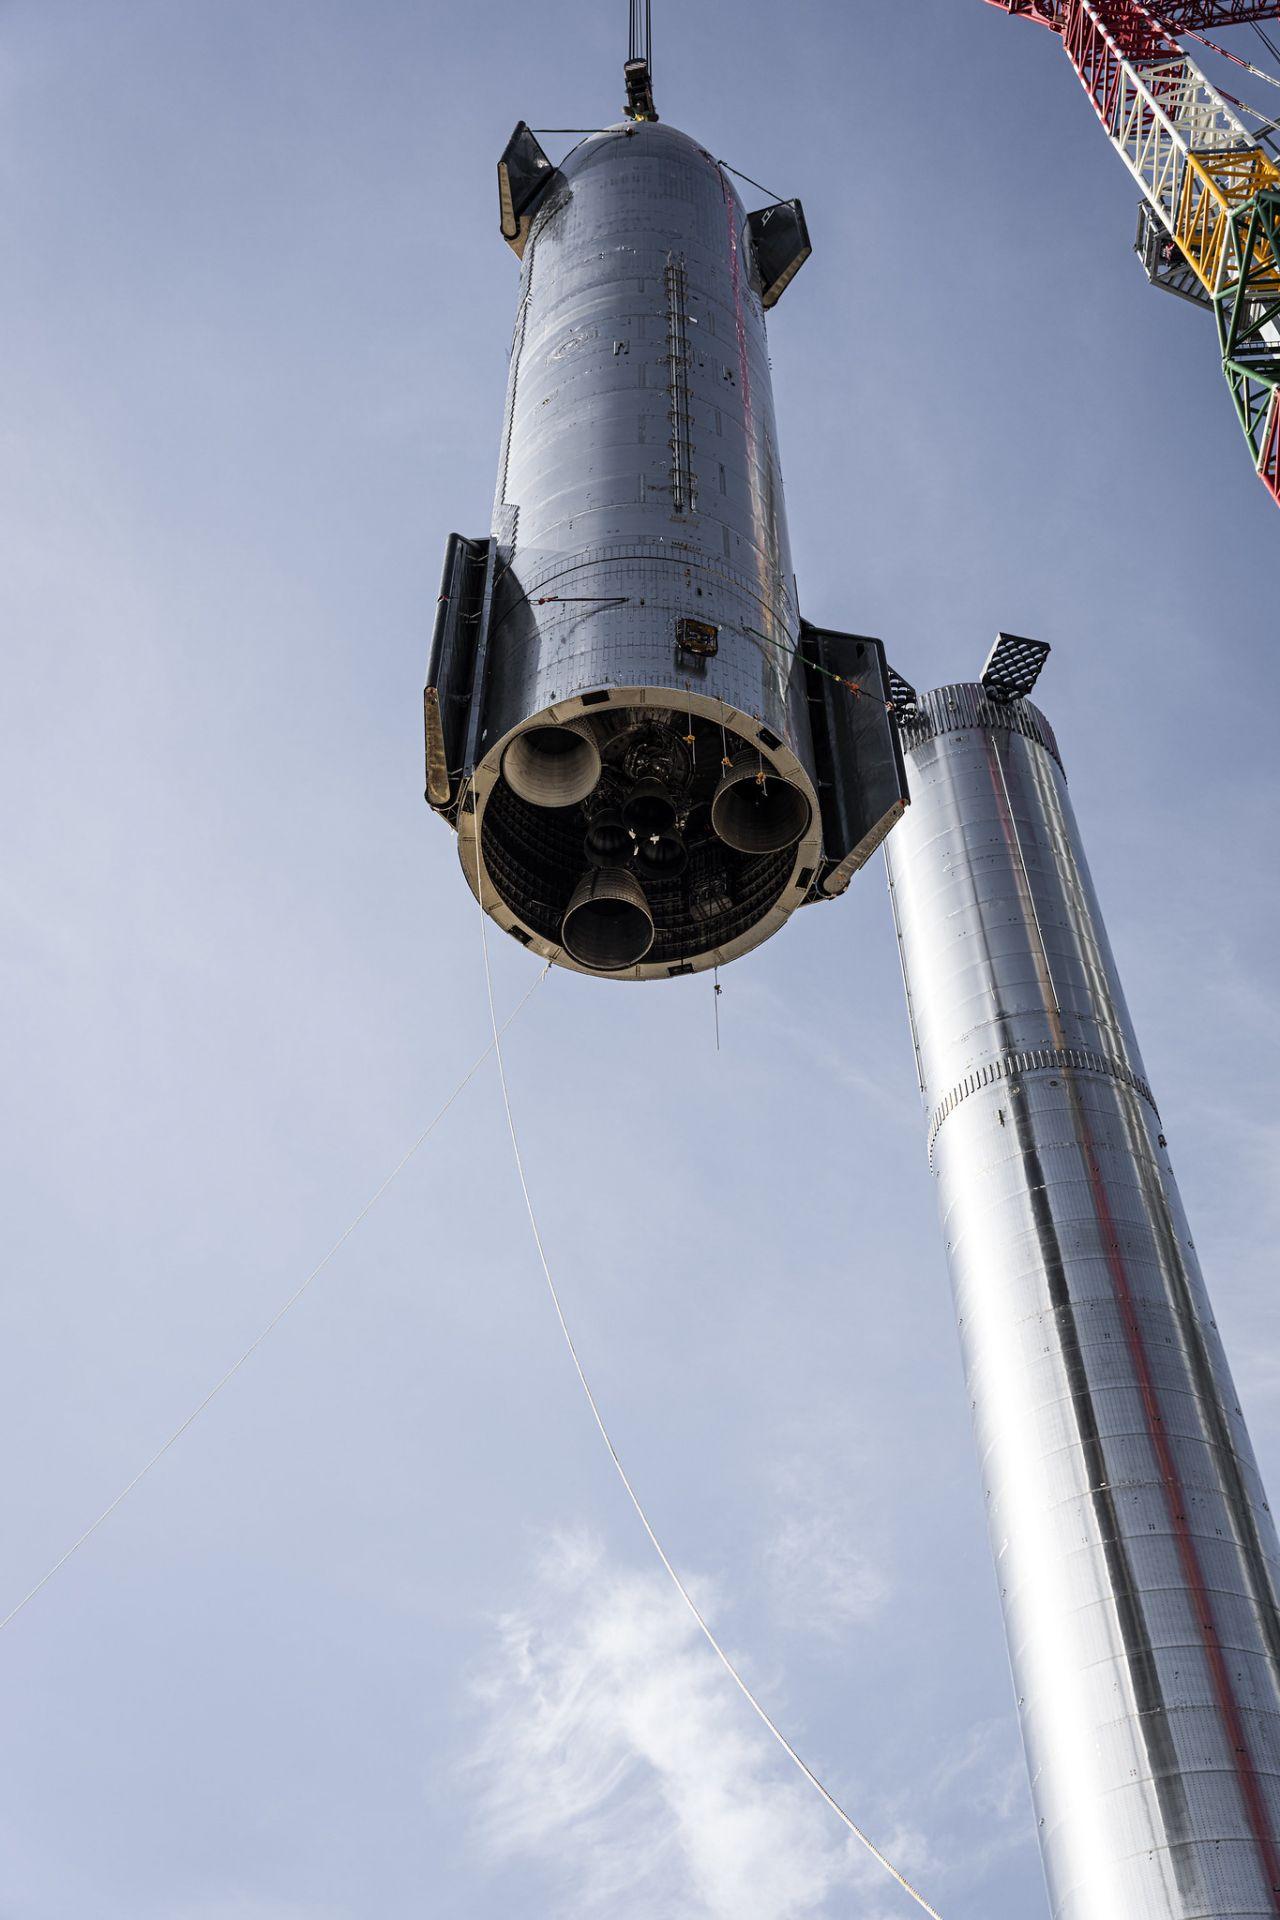 Starship die größte Rakete der Welt am Kran